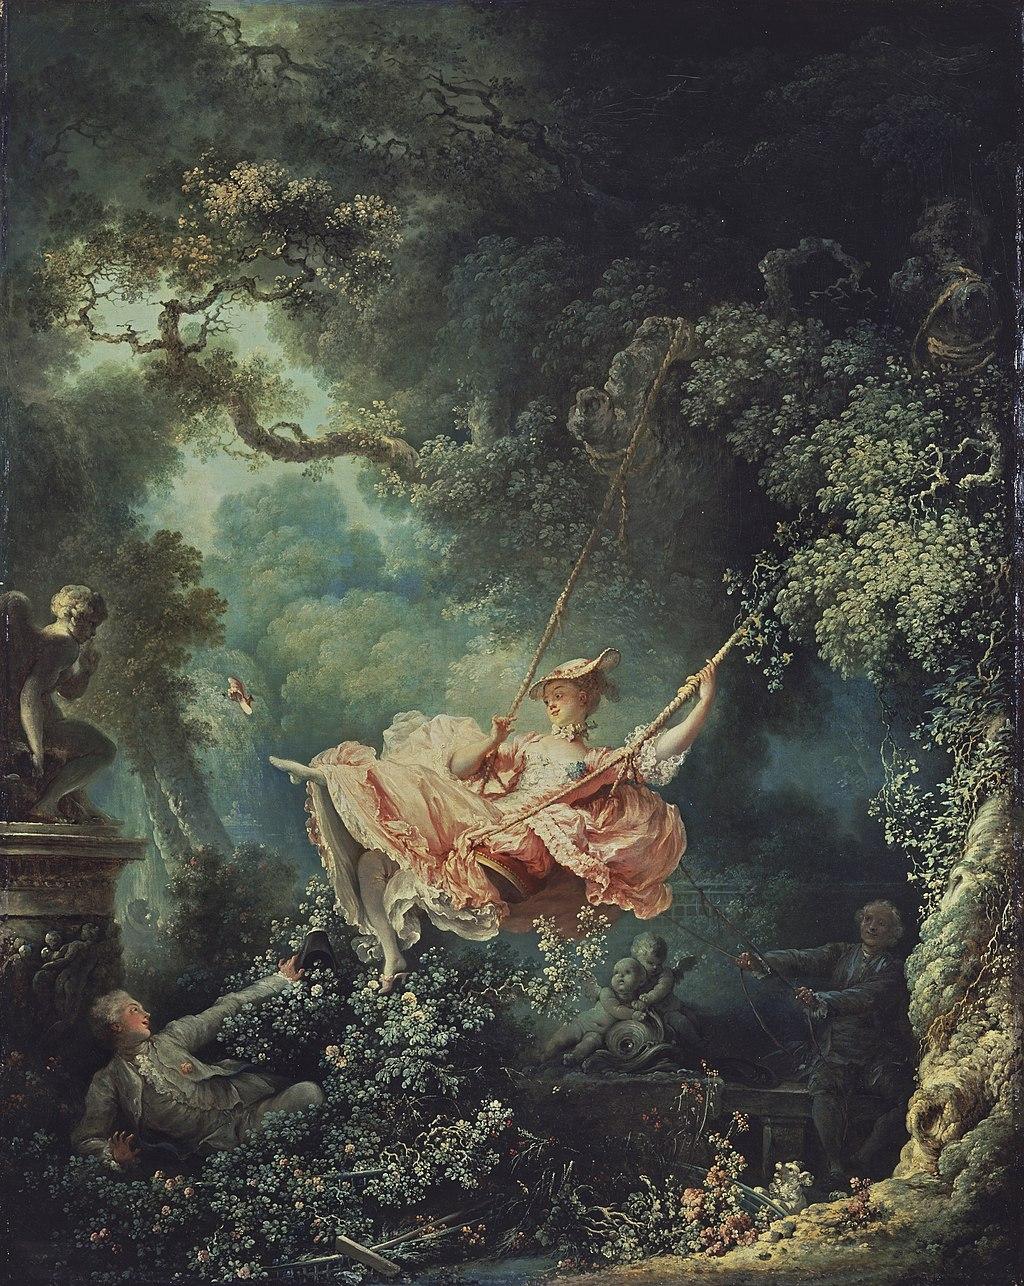 El columpio, una obra maestra de Fragonard, donde se recoge el espíritu refinado, exótico y sensual propio del rococó. Viste la sexualidad con un disfraz de inocencia